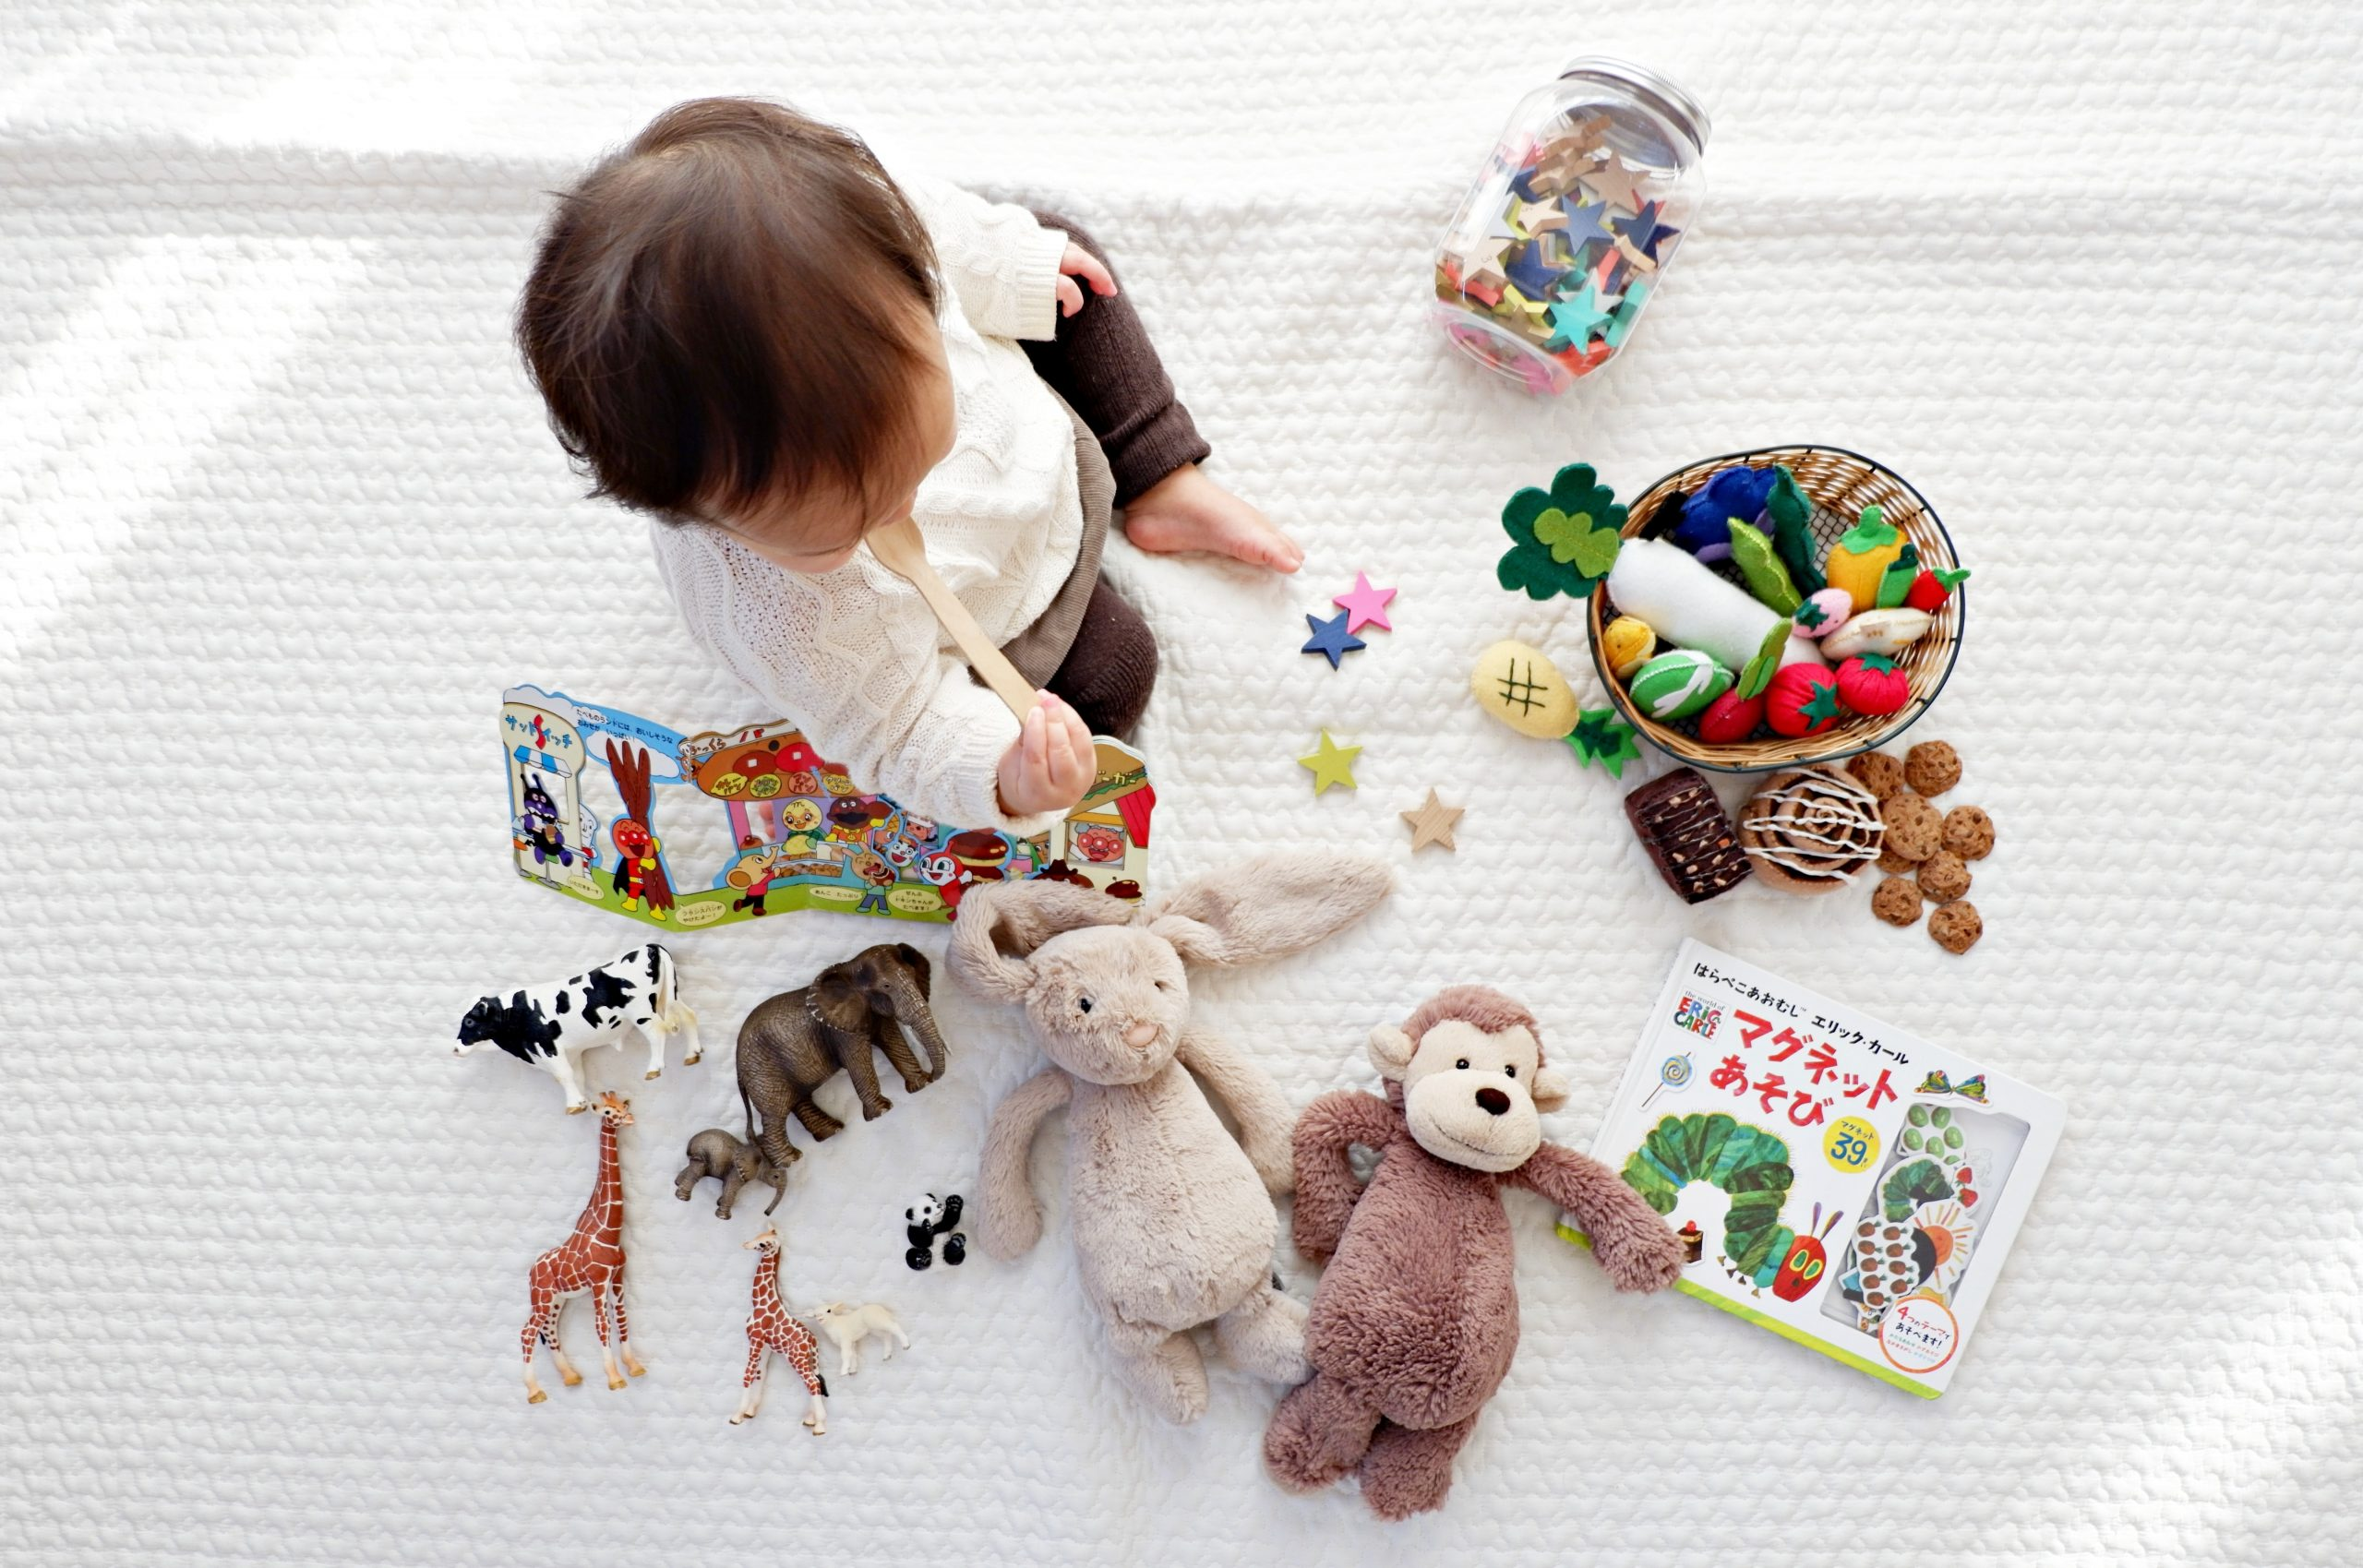 Elkényeztetett generáció: Te is mindent megveszel a gyereknek?